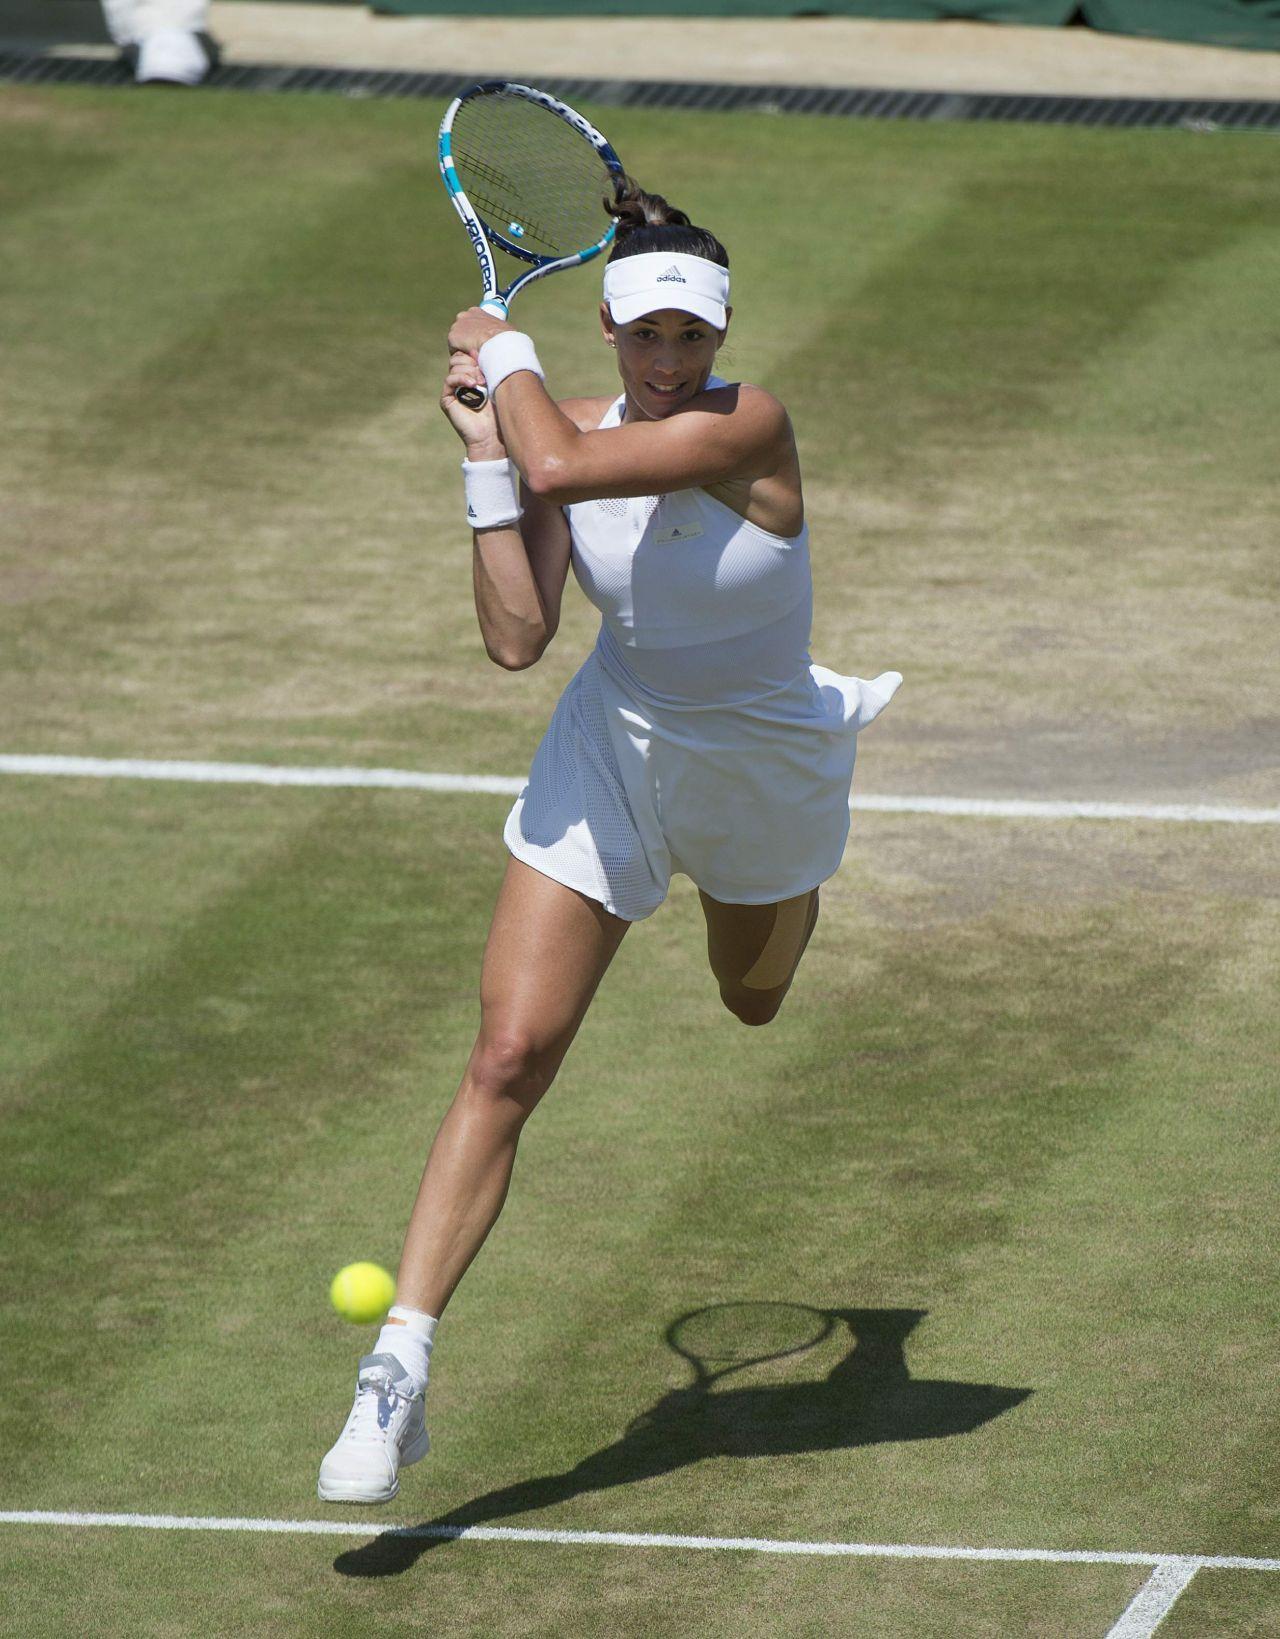 Garbine Muguruza Wimbledon Championships 07 10 2017